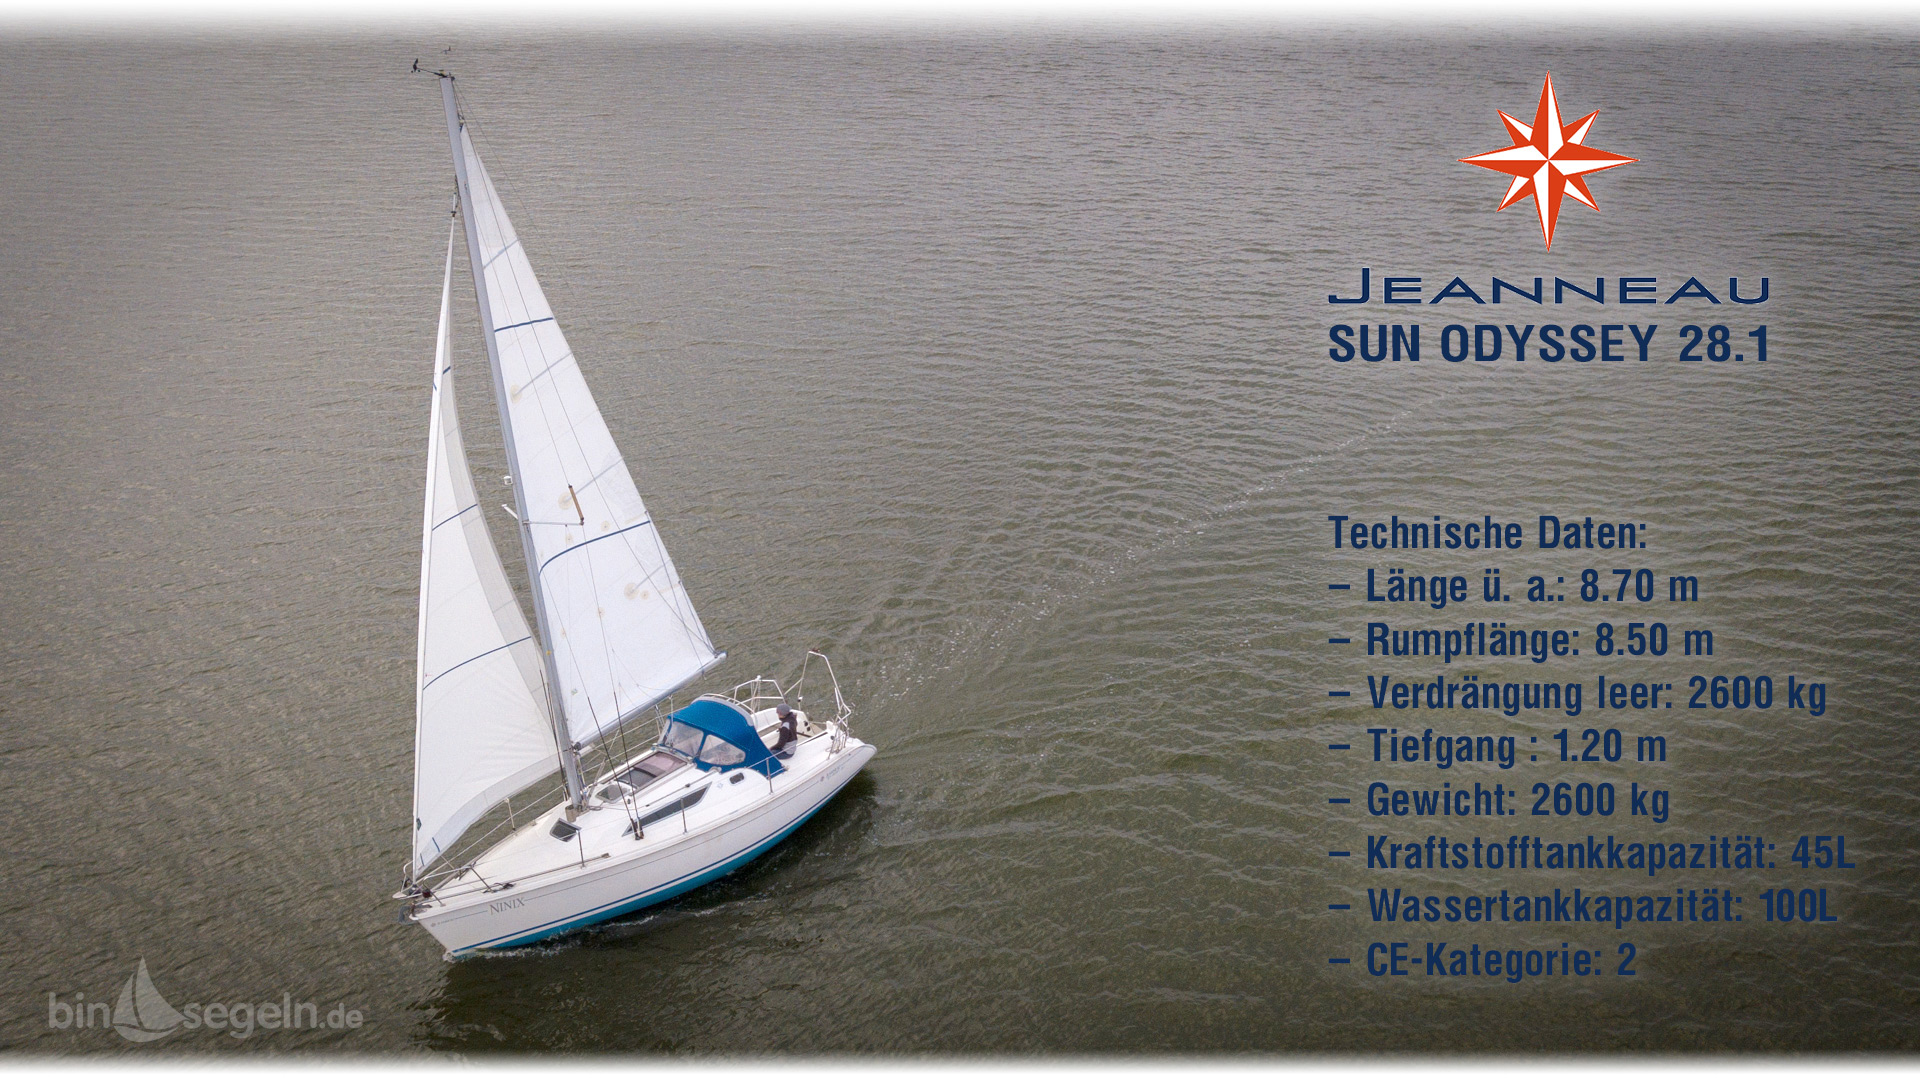 Jeanneau Sun Odyssey 28.1